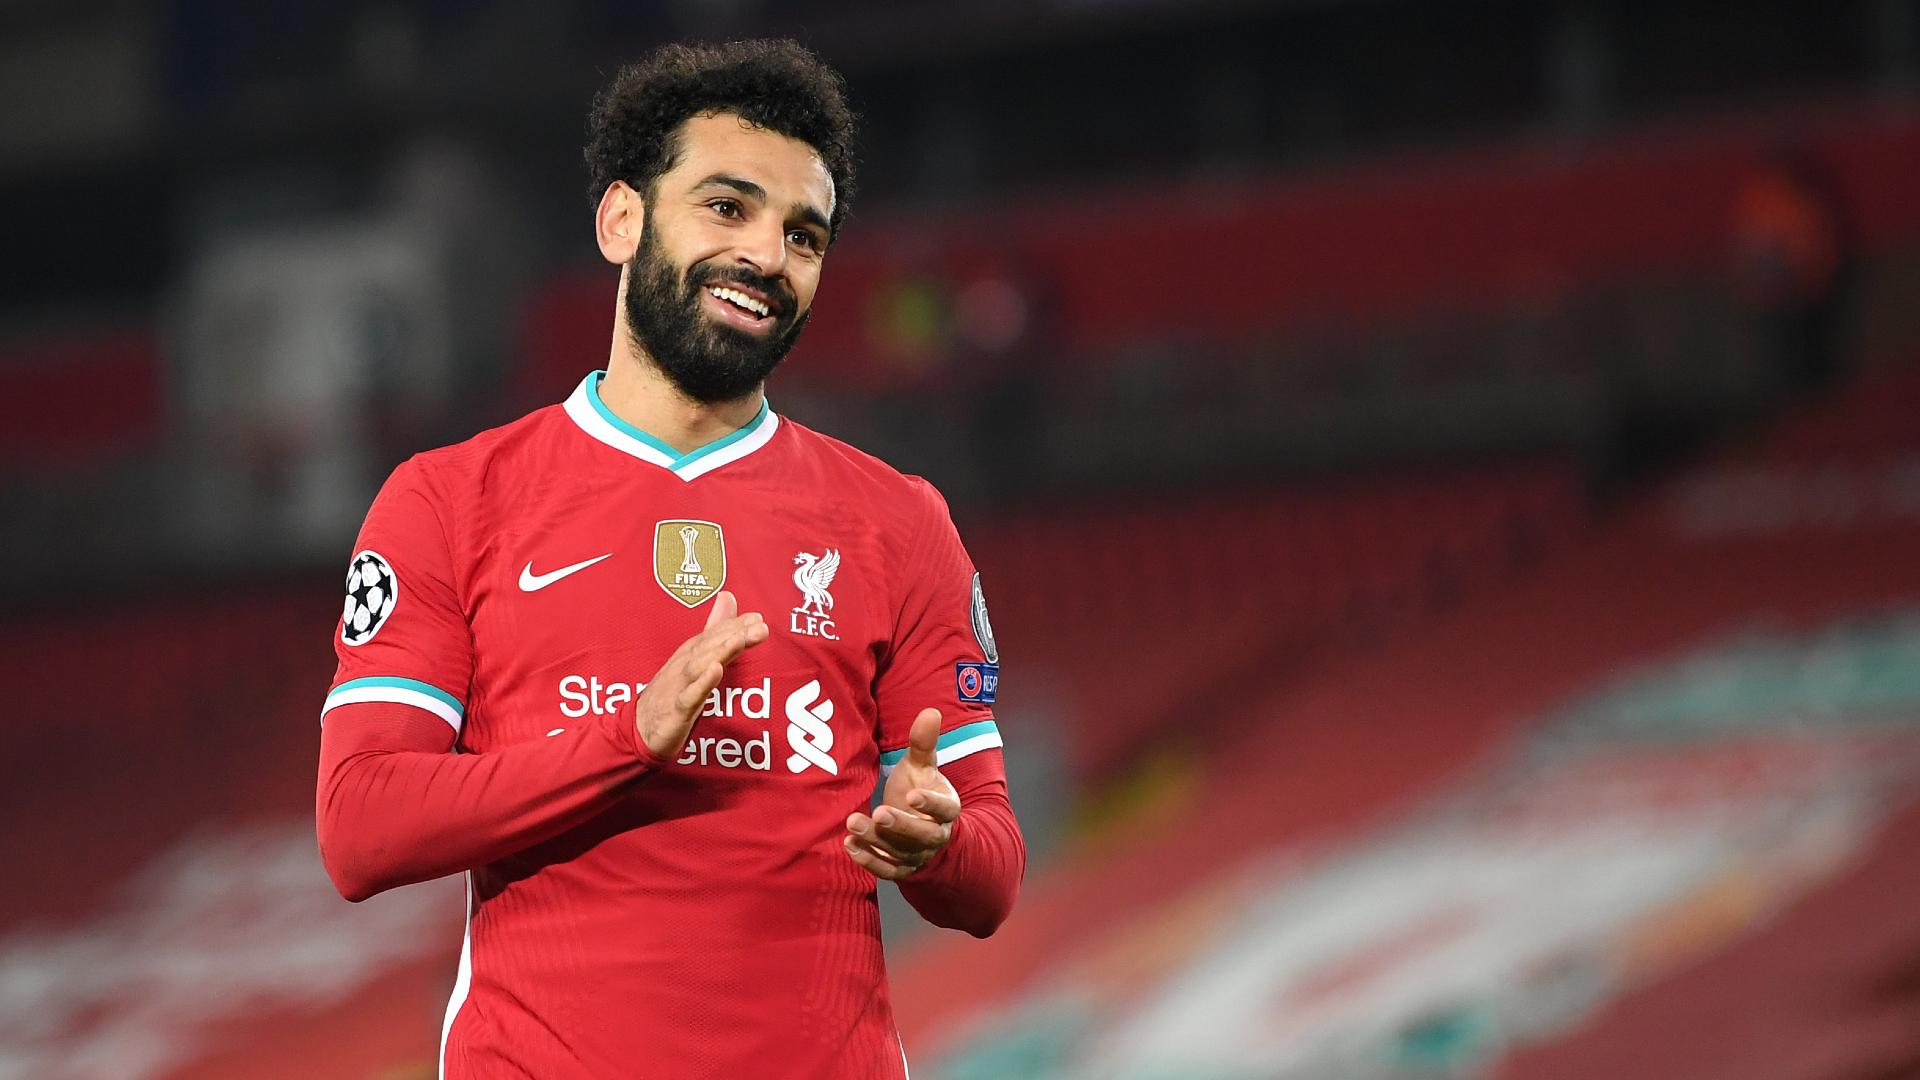 صفقة 145 مليونا قد تدفع ليفربول لبيع محمد صلاح